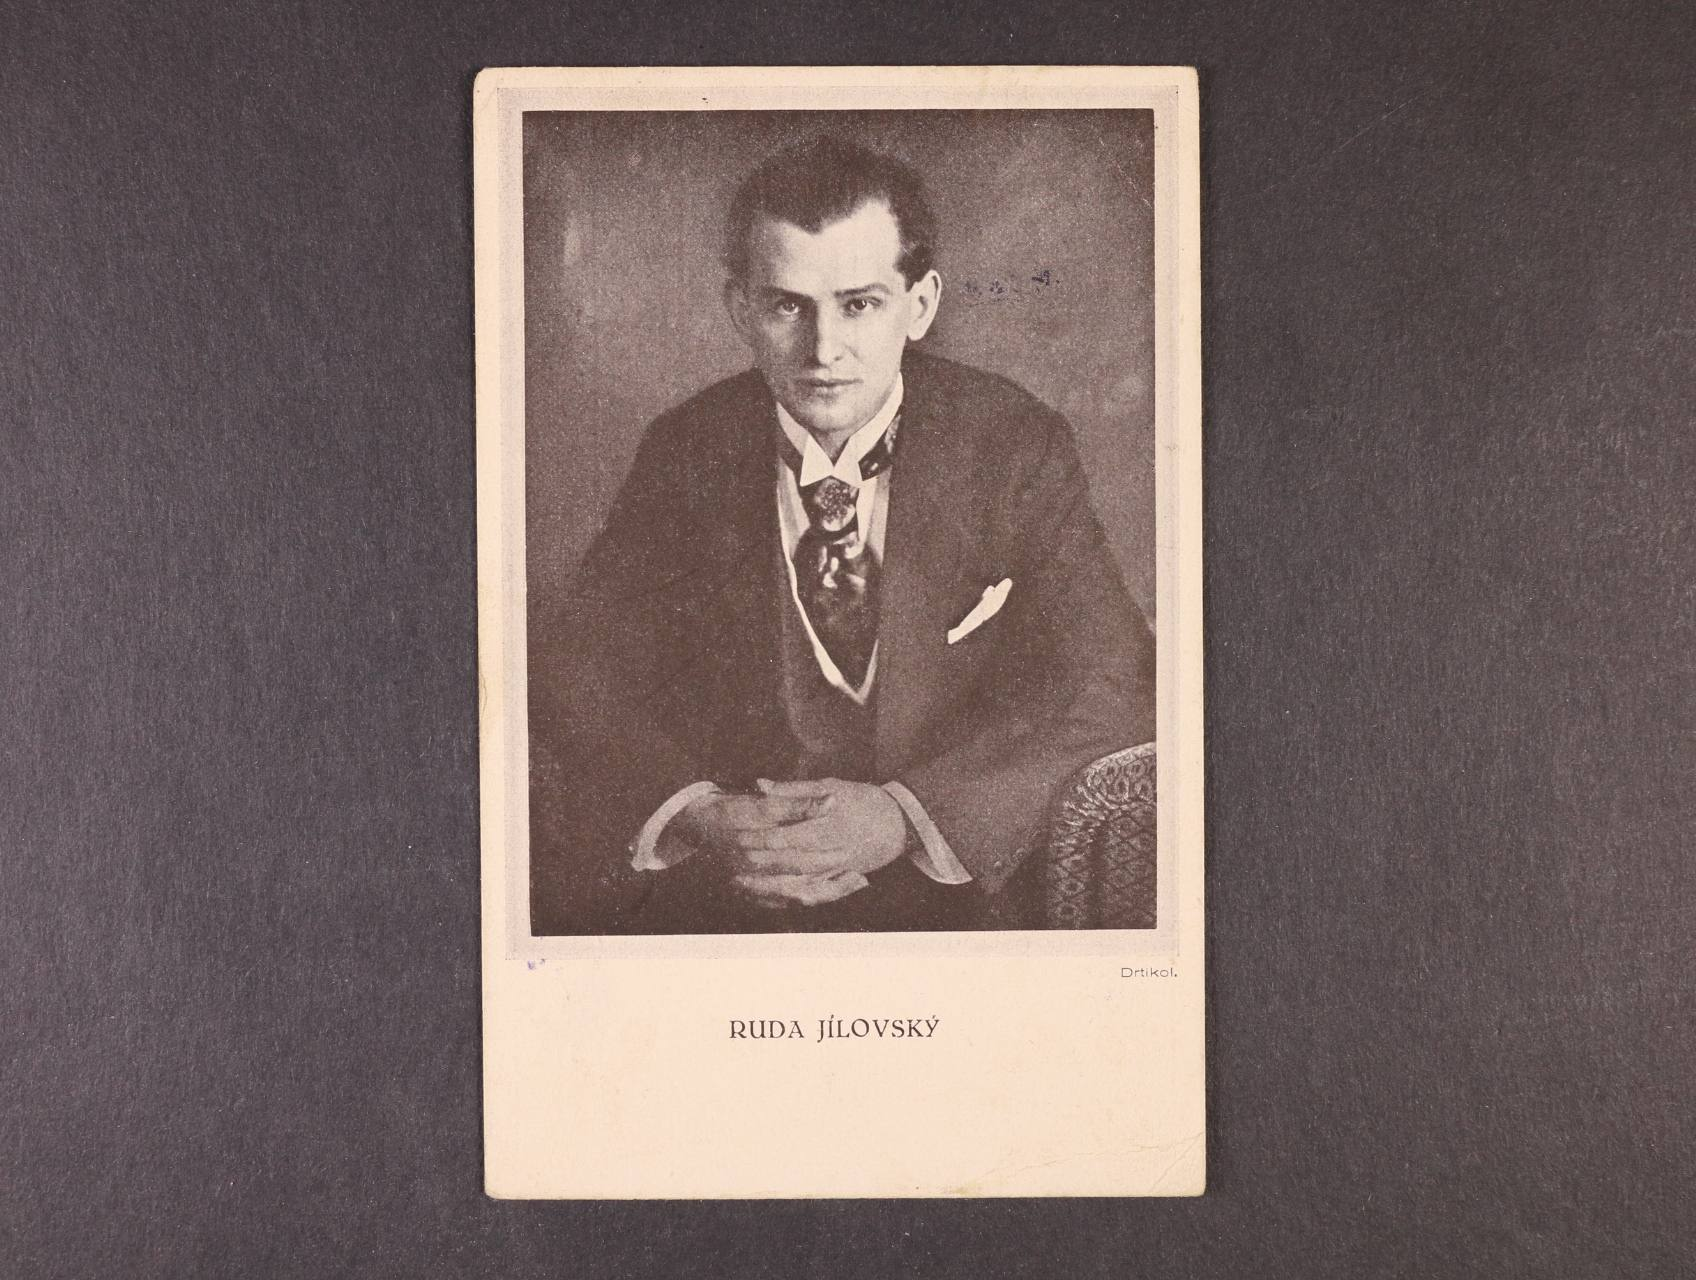 Osobnosti - jednobar. fotopohlednice od význačného čs. fotografa Drtikola, použitá 3.12.1918, zajímavé